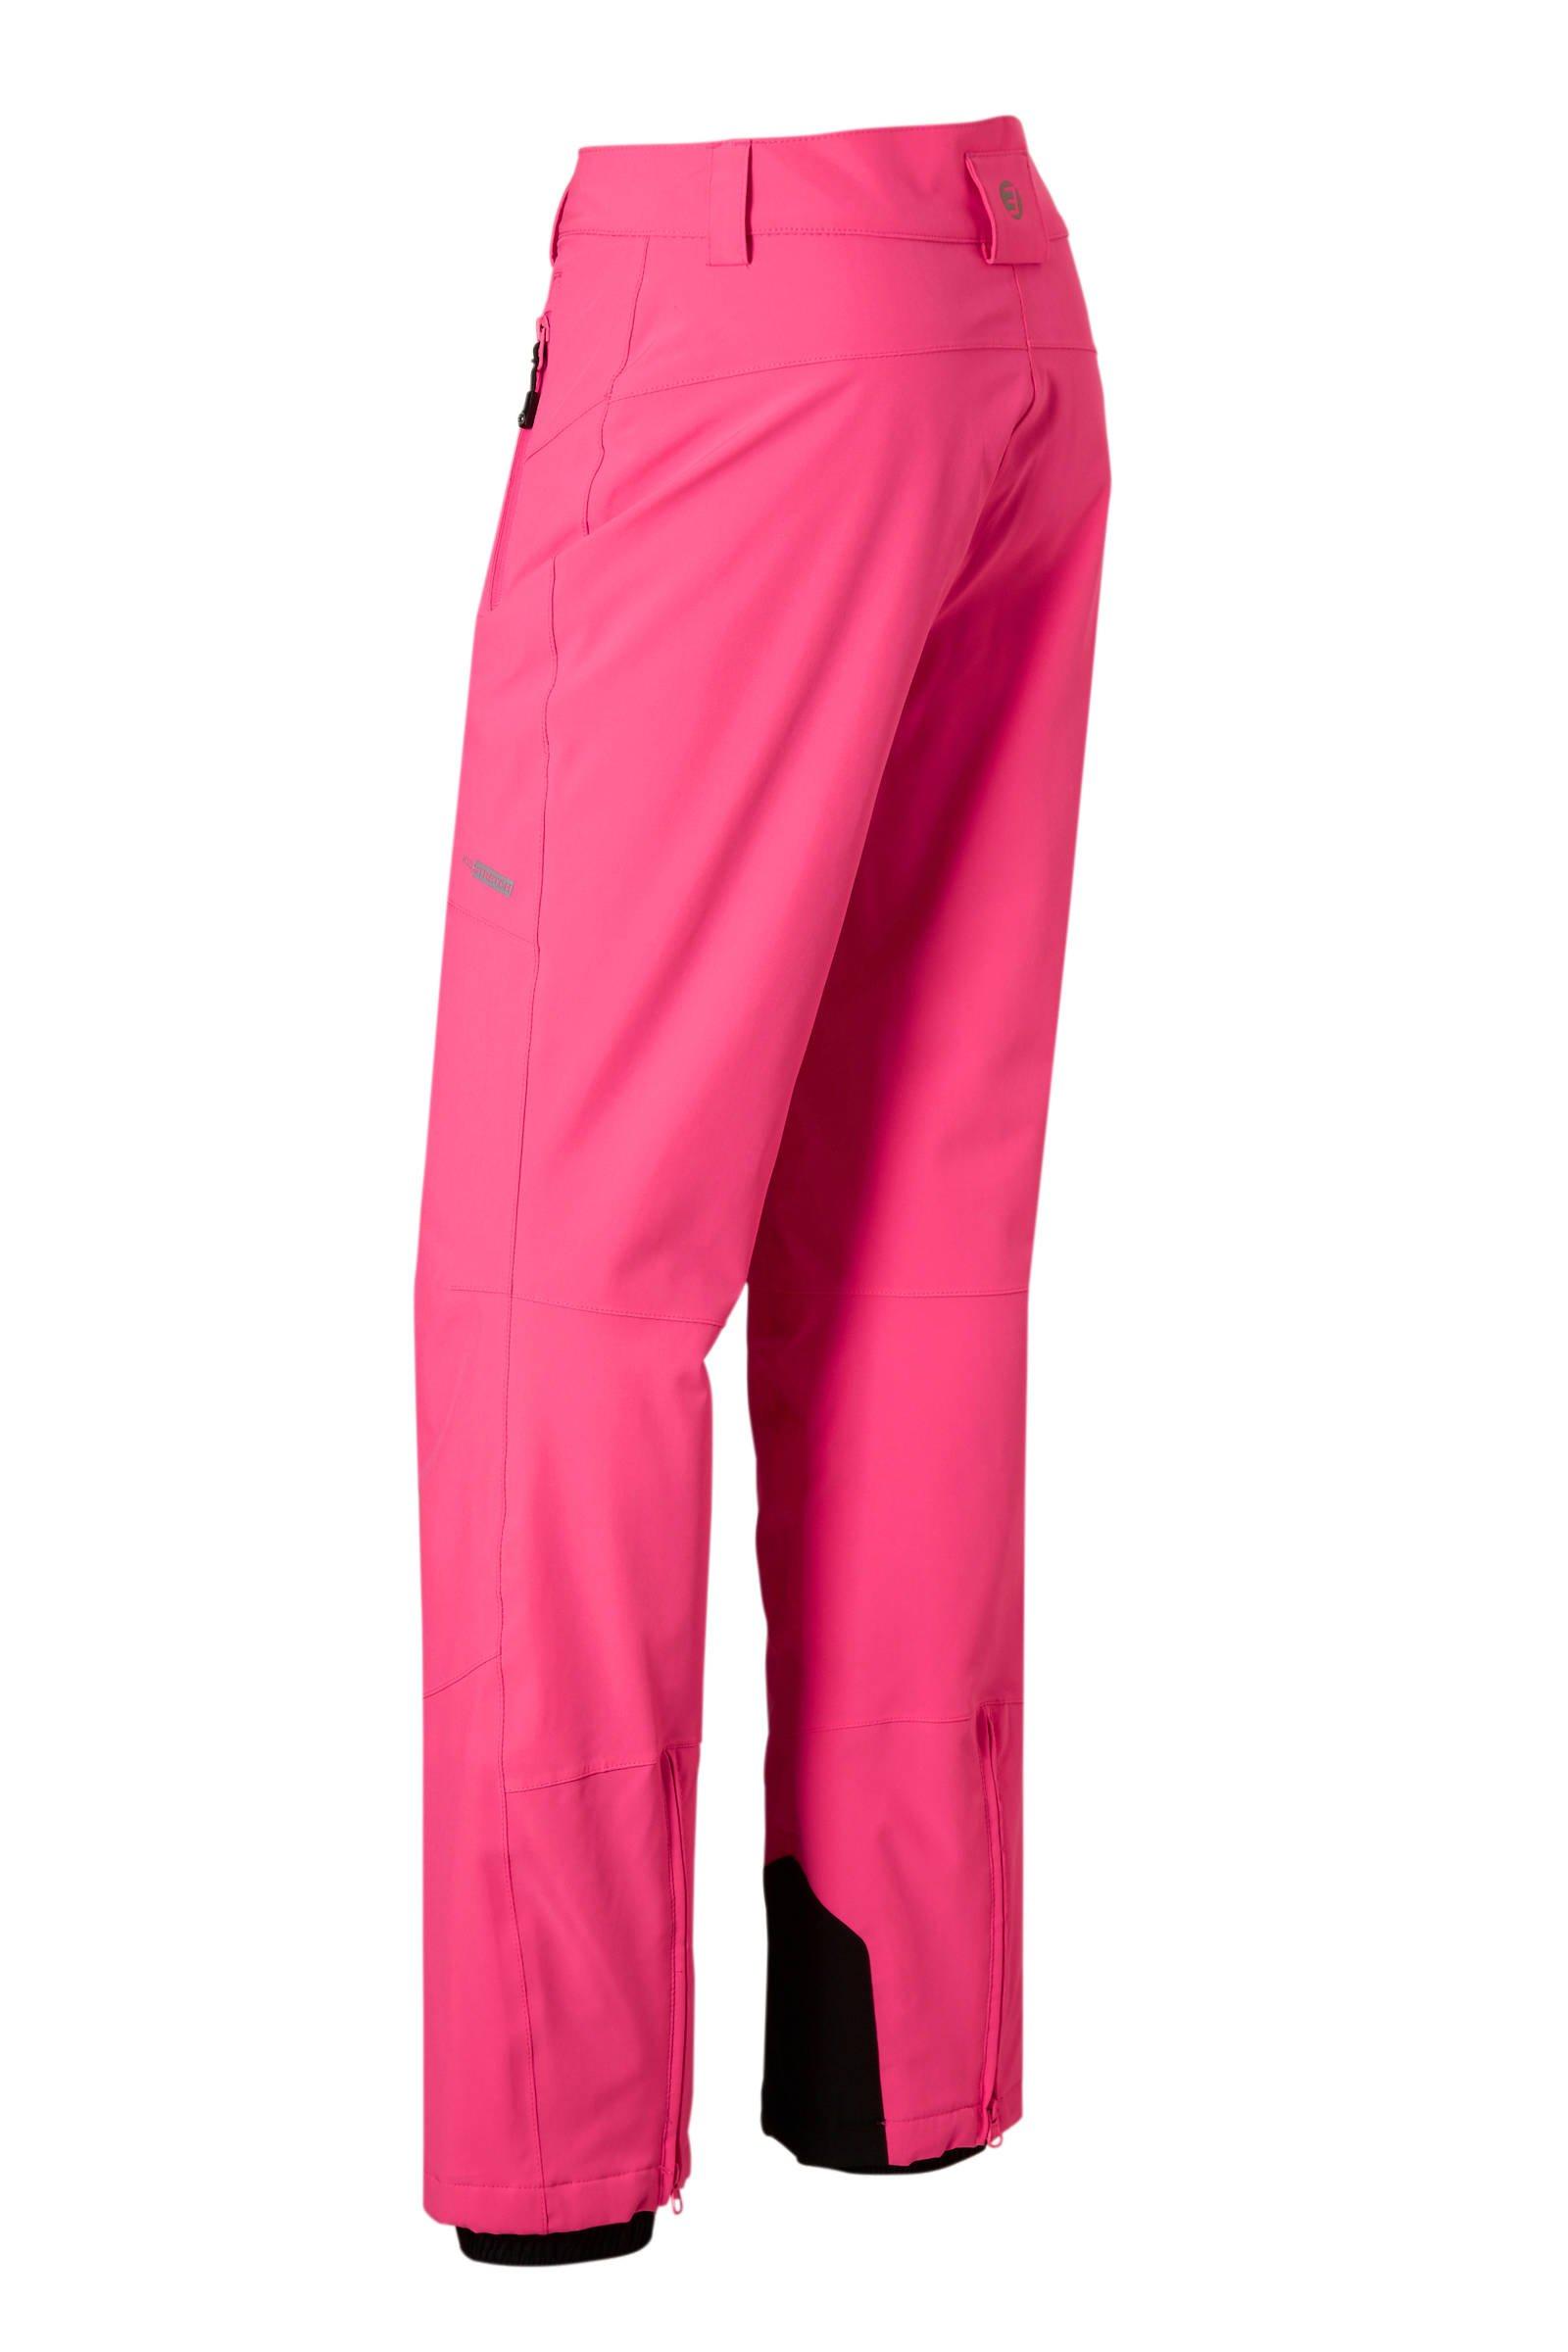 34aa50301a7d icepeak-skibroek-roze-dames-roze-6413680399380.jpg